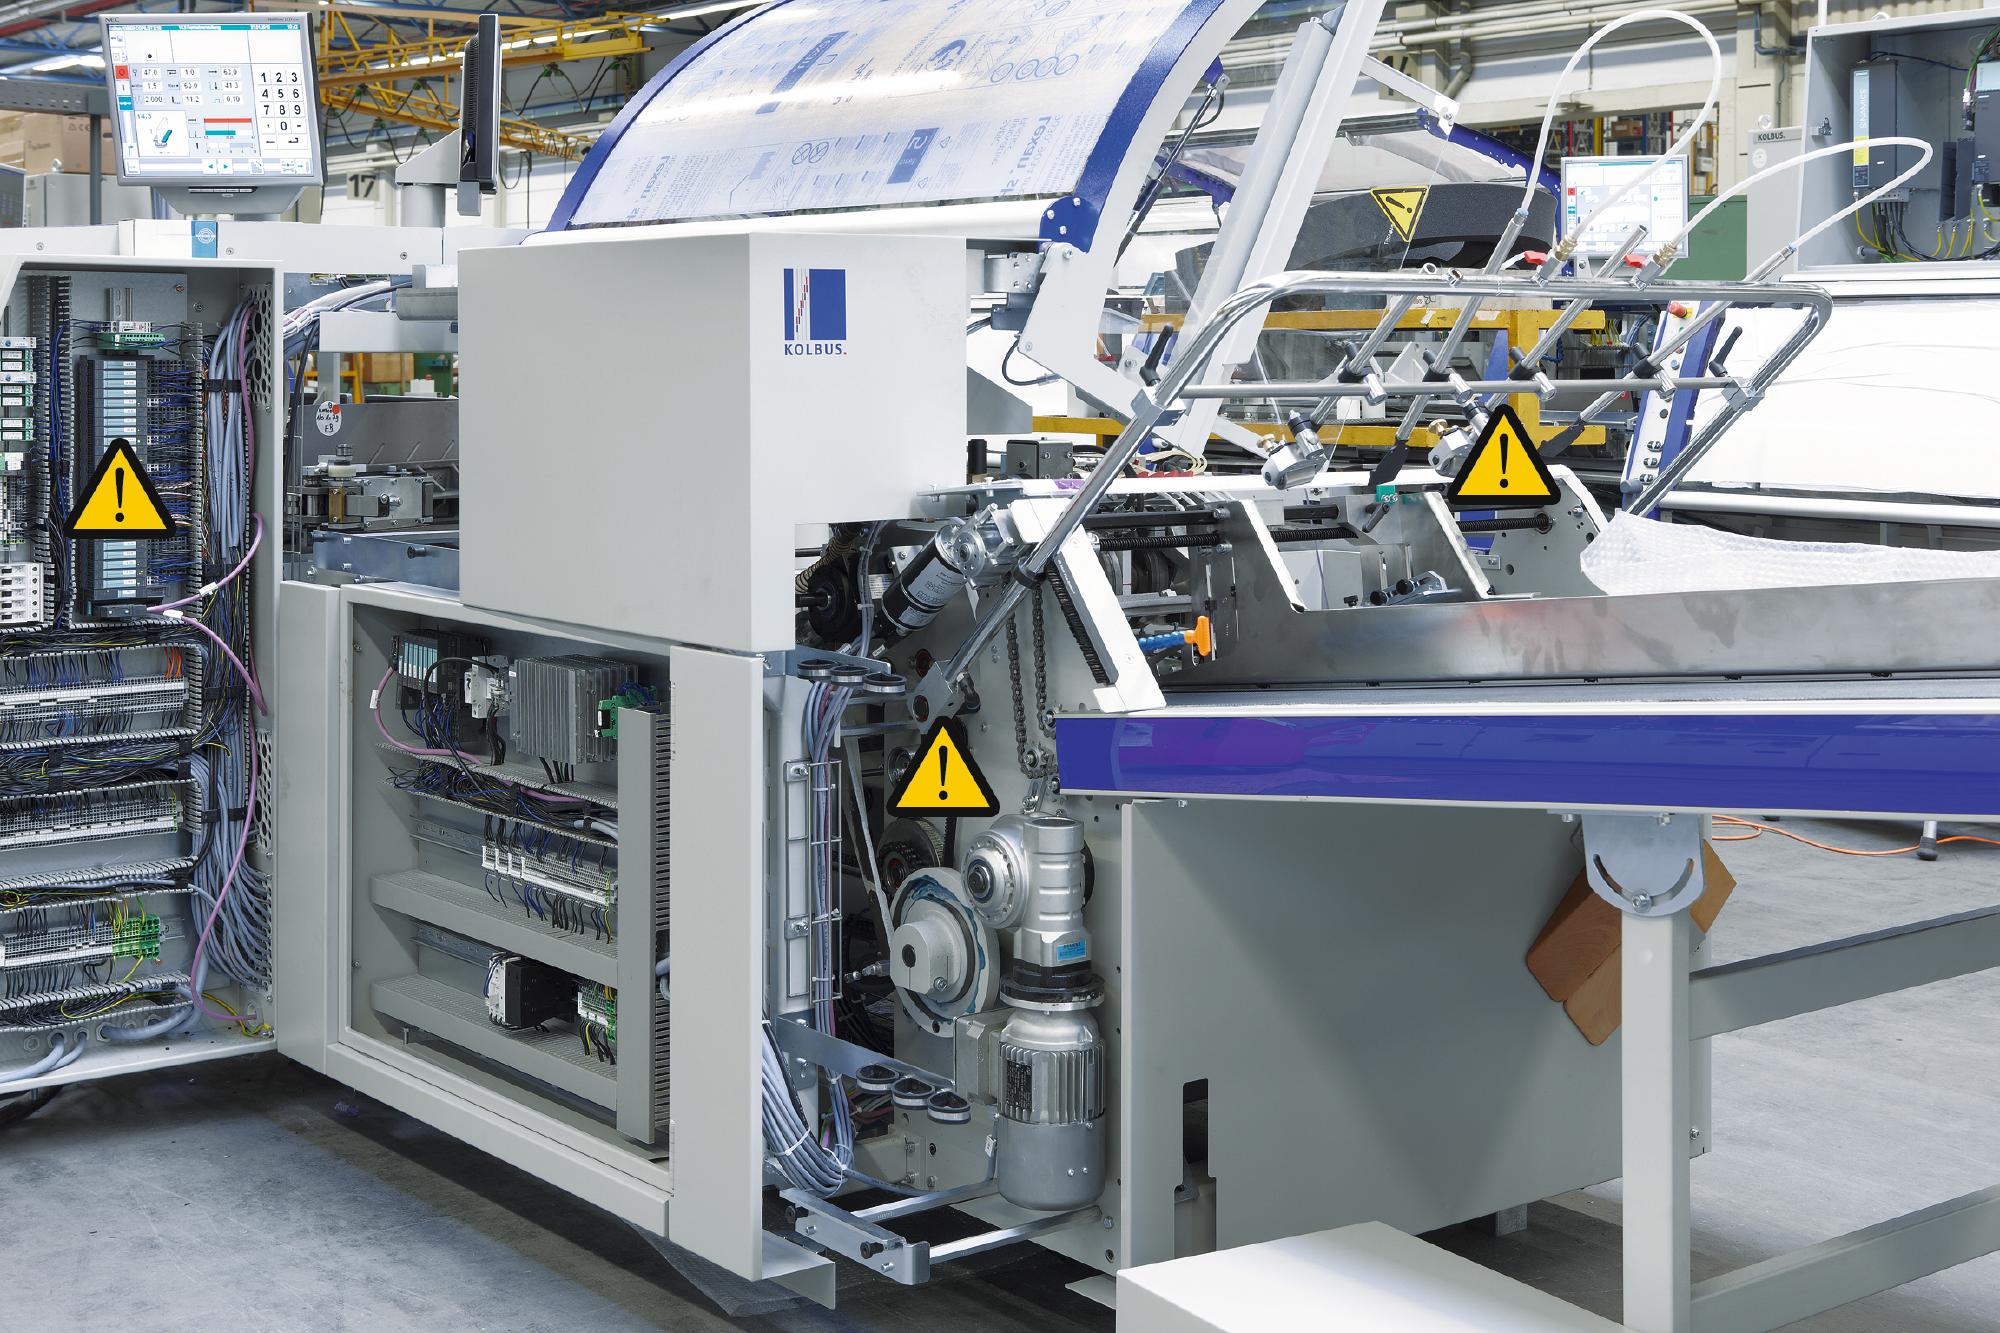 Risikobeurteilung von Maschinen und Anlagen – Maßnahmen gegen Manipulation von Schutzeinrichtungen